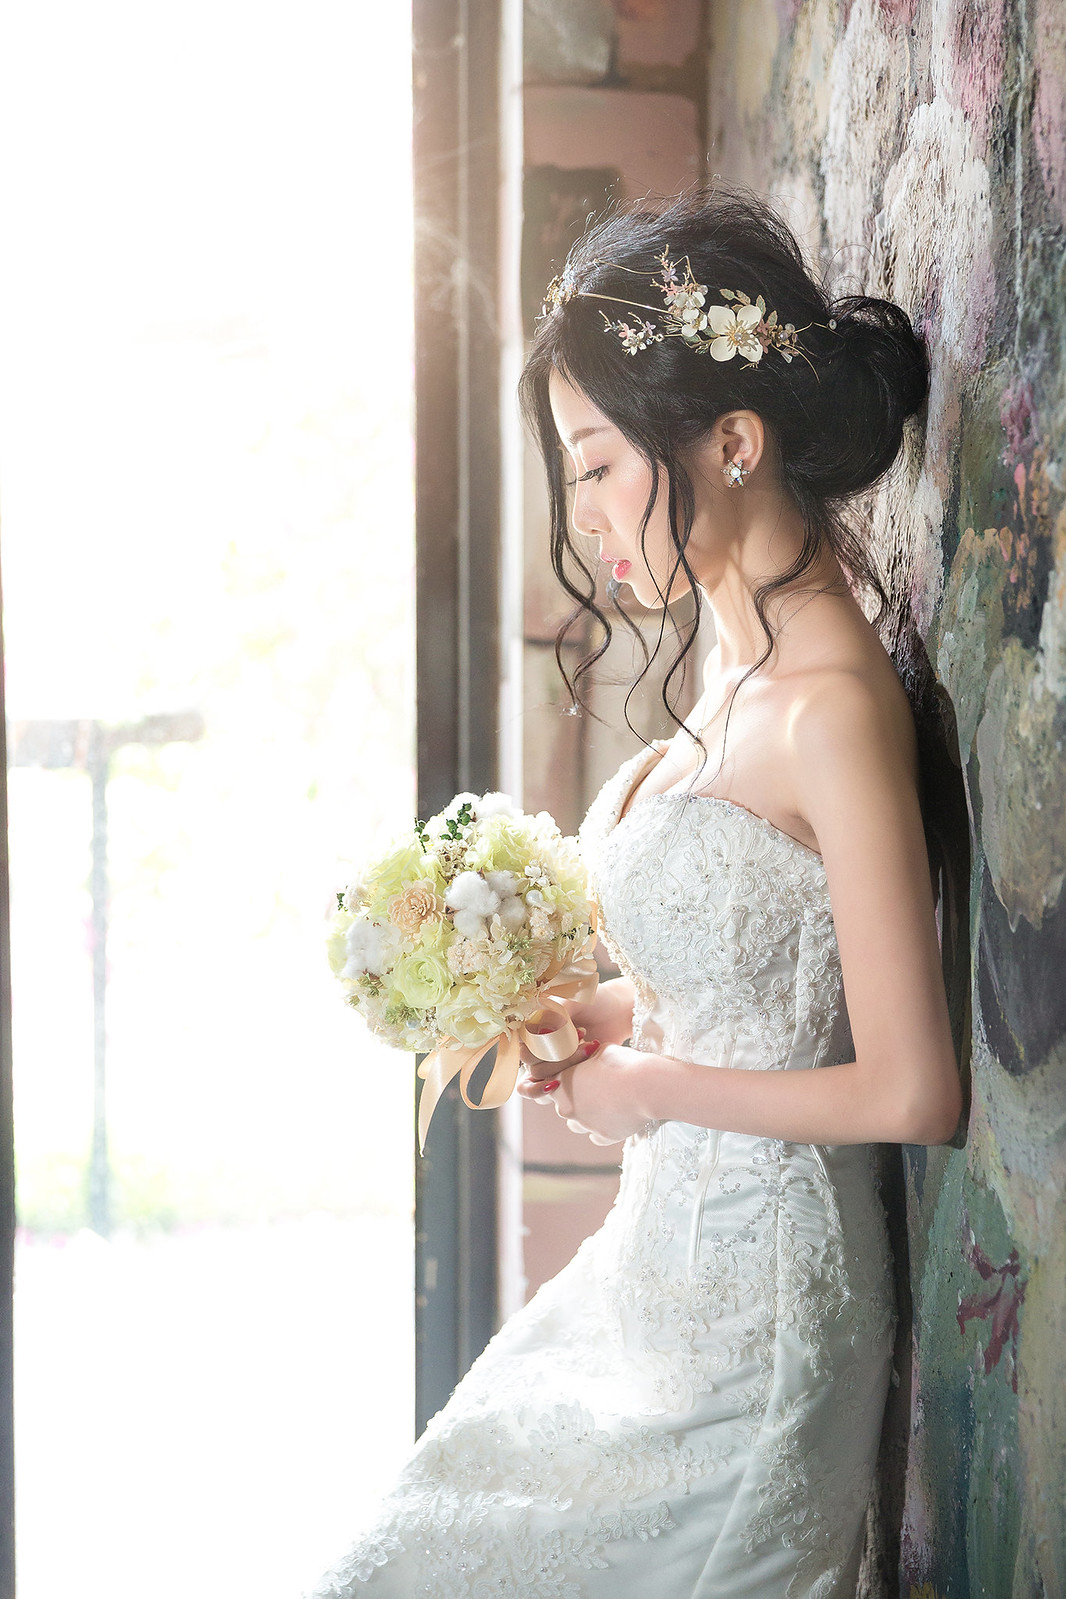 181024-0025-婚紗攝影-閨蜜婚紗-格林奇幻森林-攝影基地-白紗-韓風-油畫-花牆